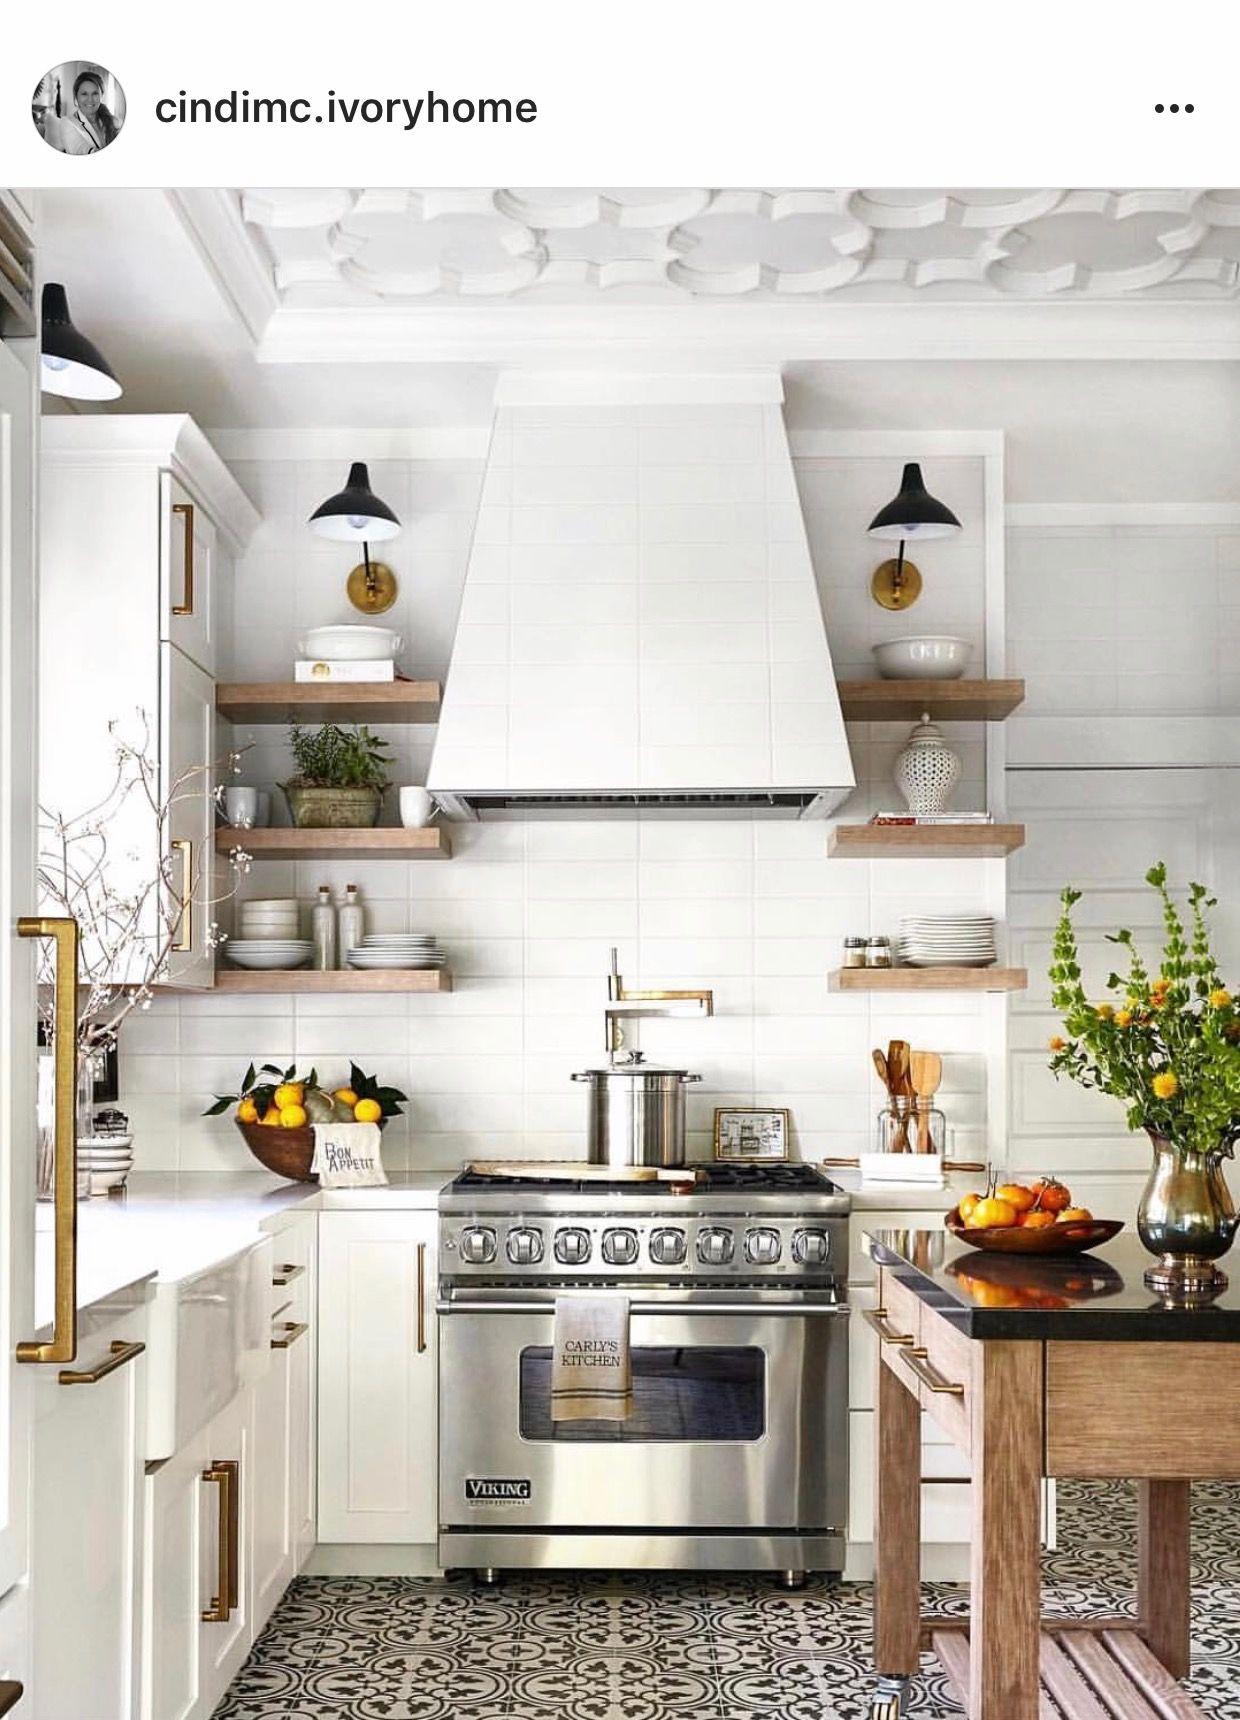 Küchenschränke für kleine küchen love the stove and pot filler  kÜche ideen diy inspiration